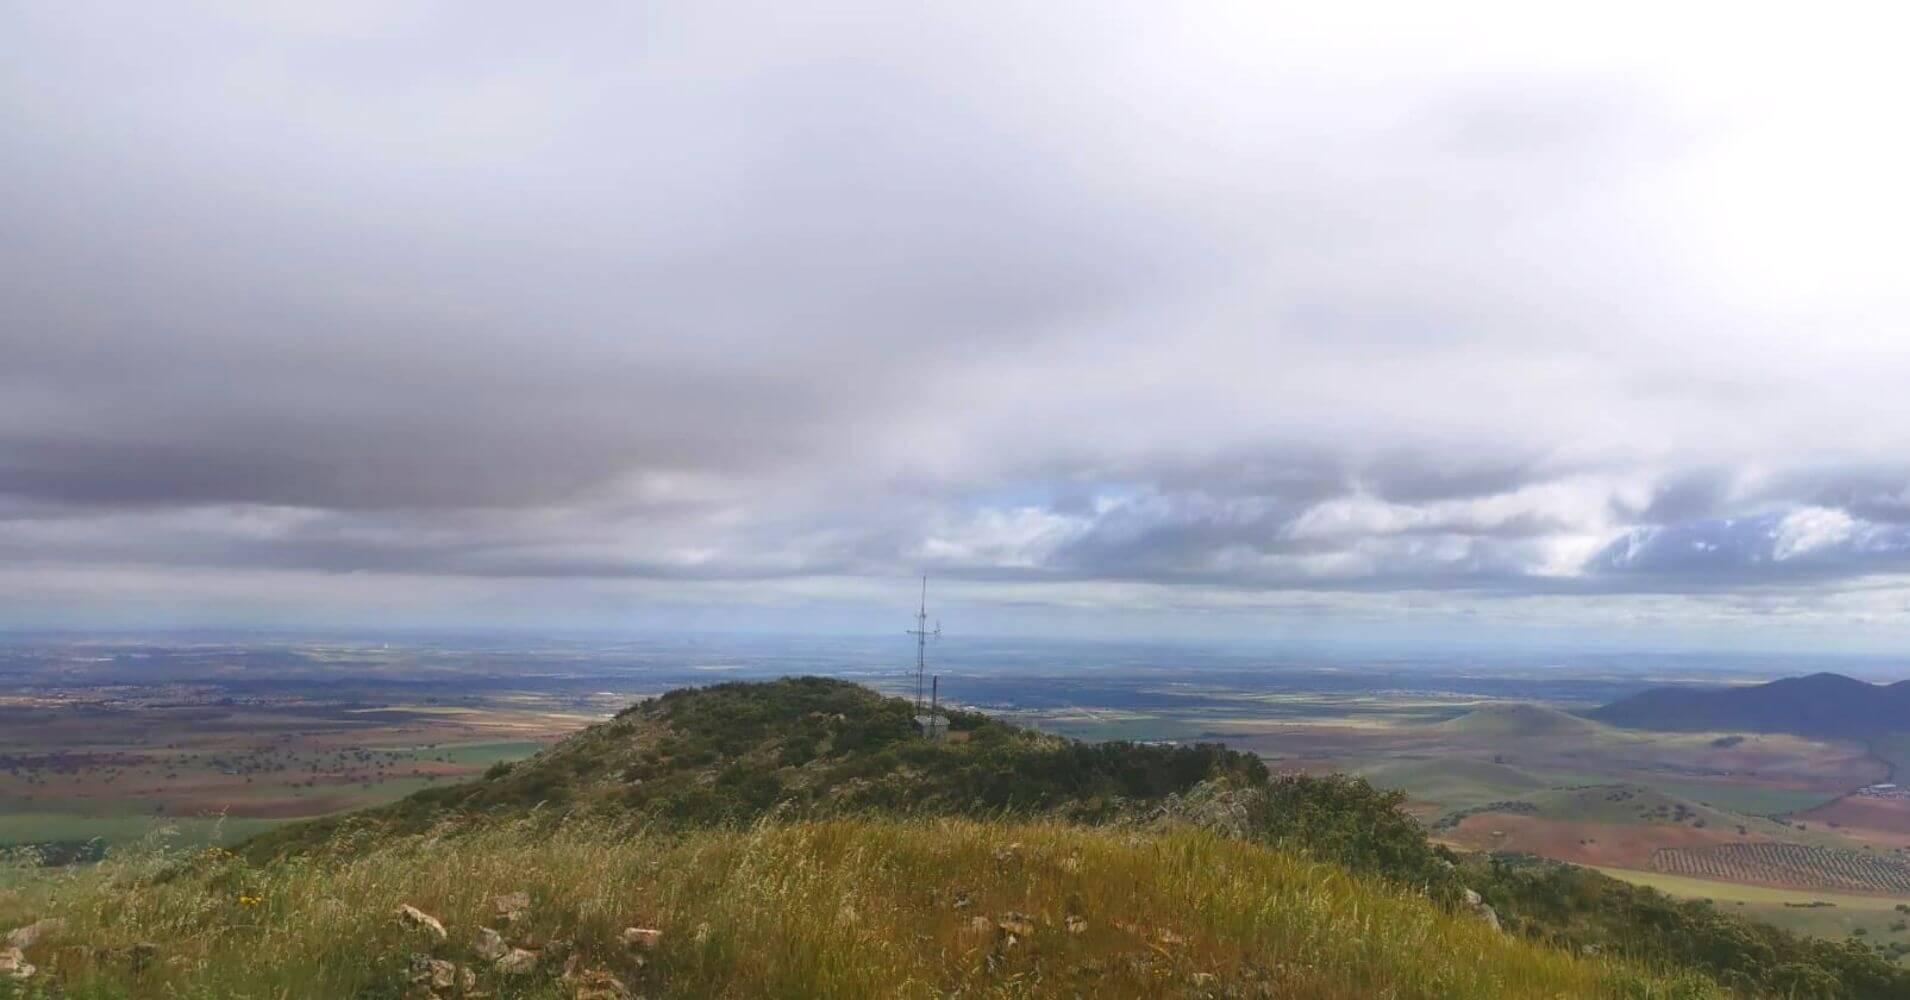 Cumbre de la Sierra. Estación Meteorológica. Layos, Toledo, Castilla La Mancha.